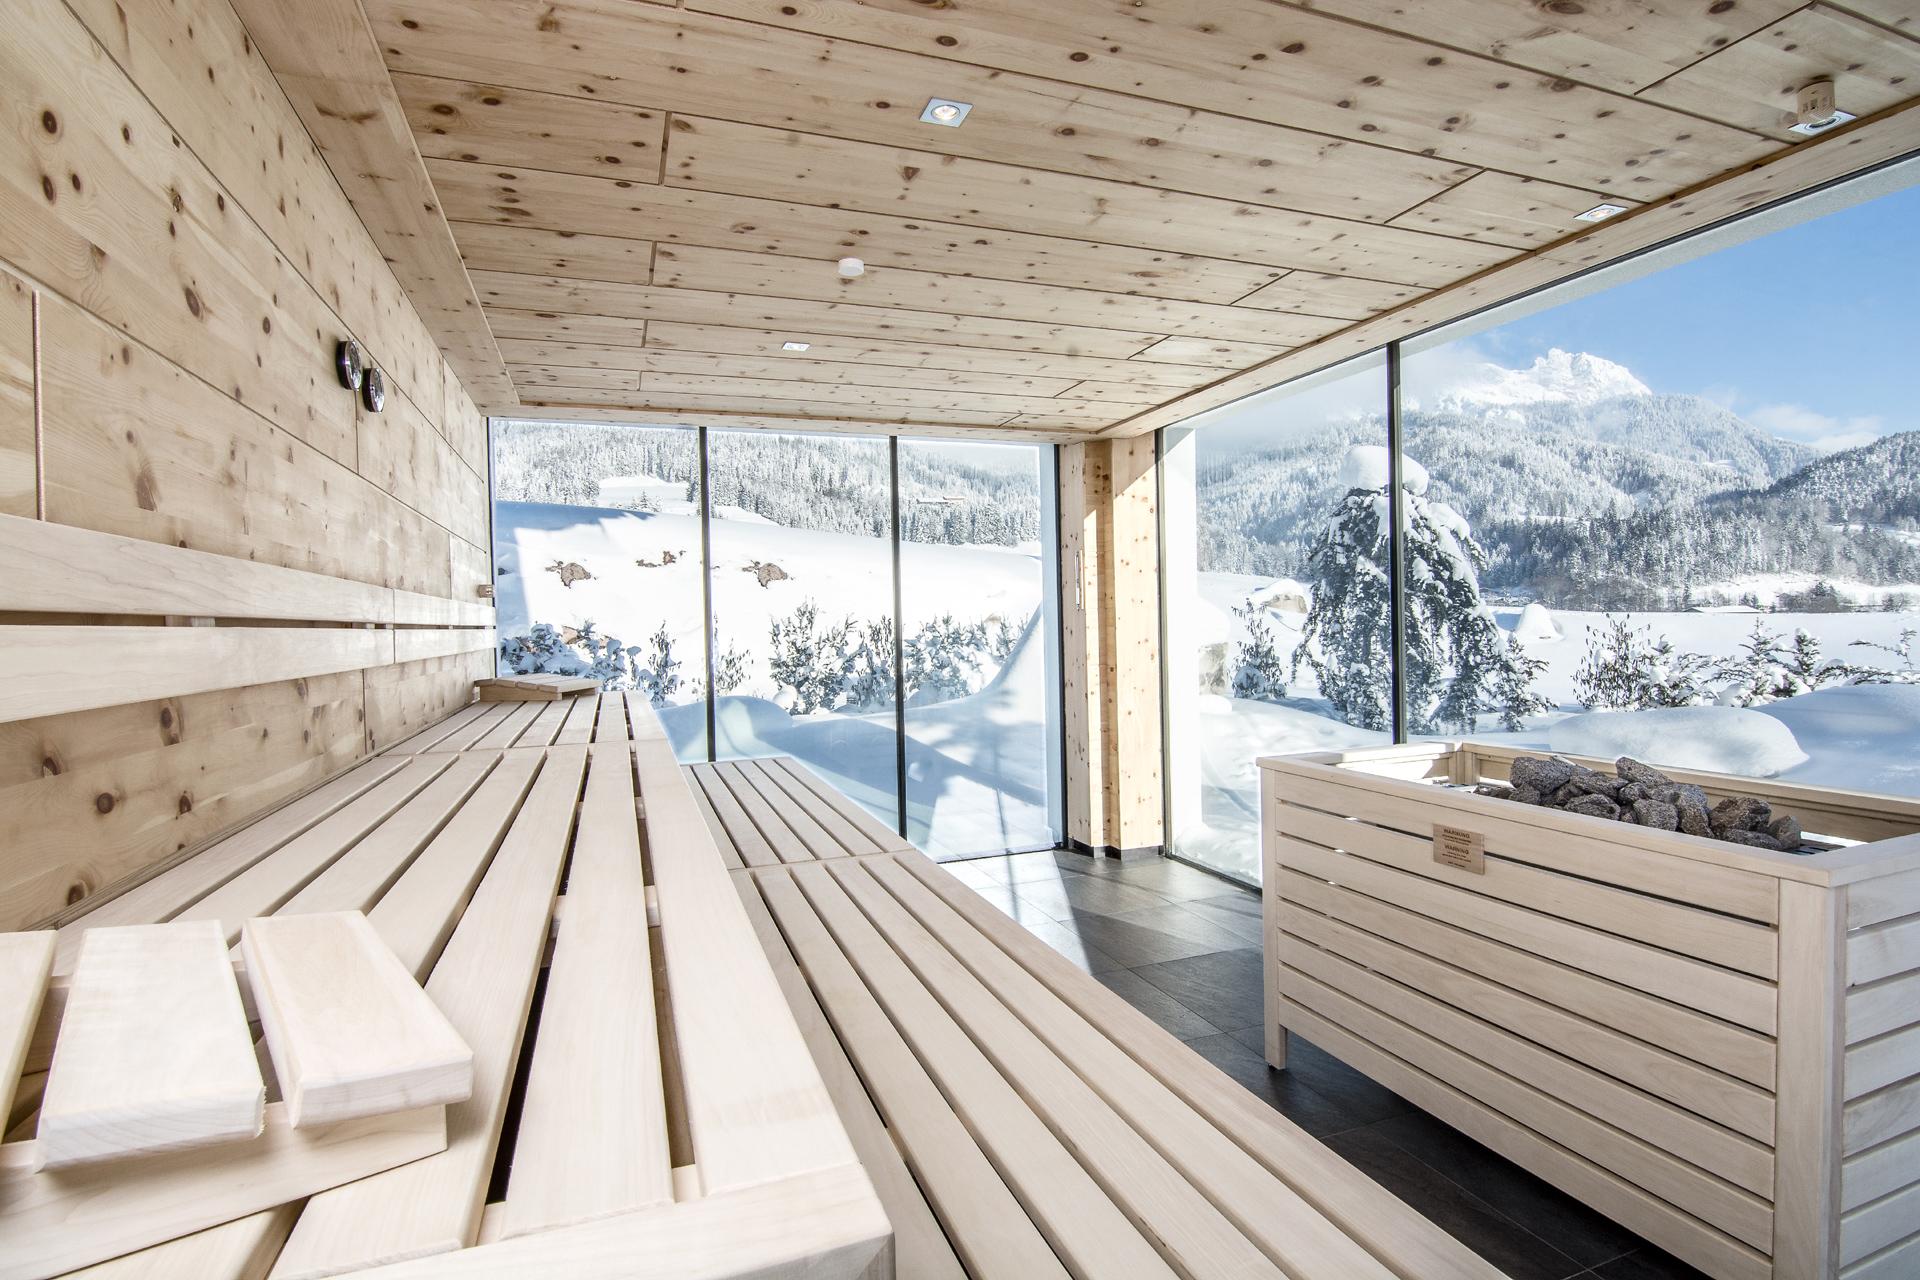 Leere Zirbensauna mit Blick aus dem Panoramafenster auf die verschneite Landschaft